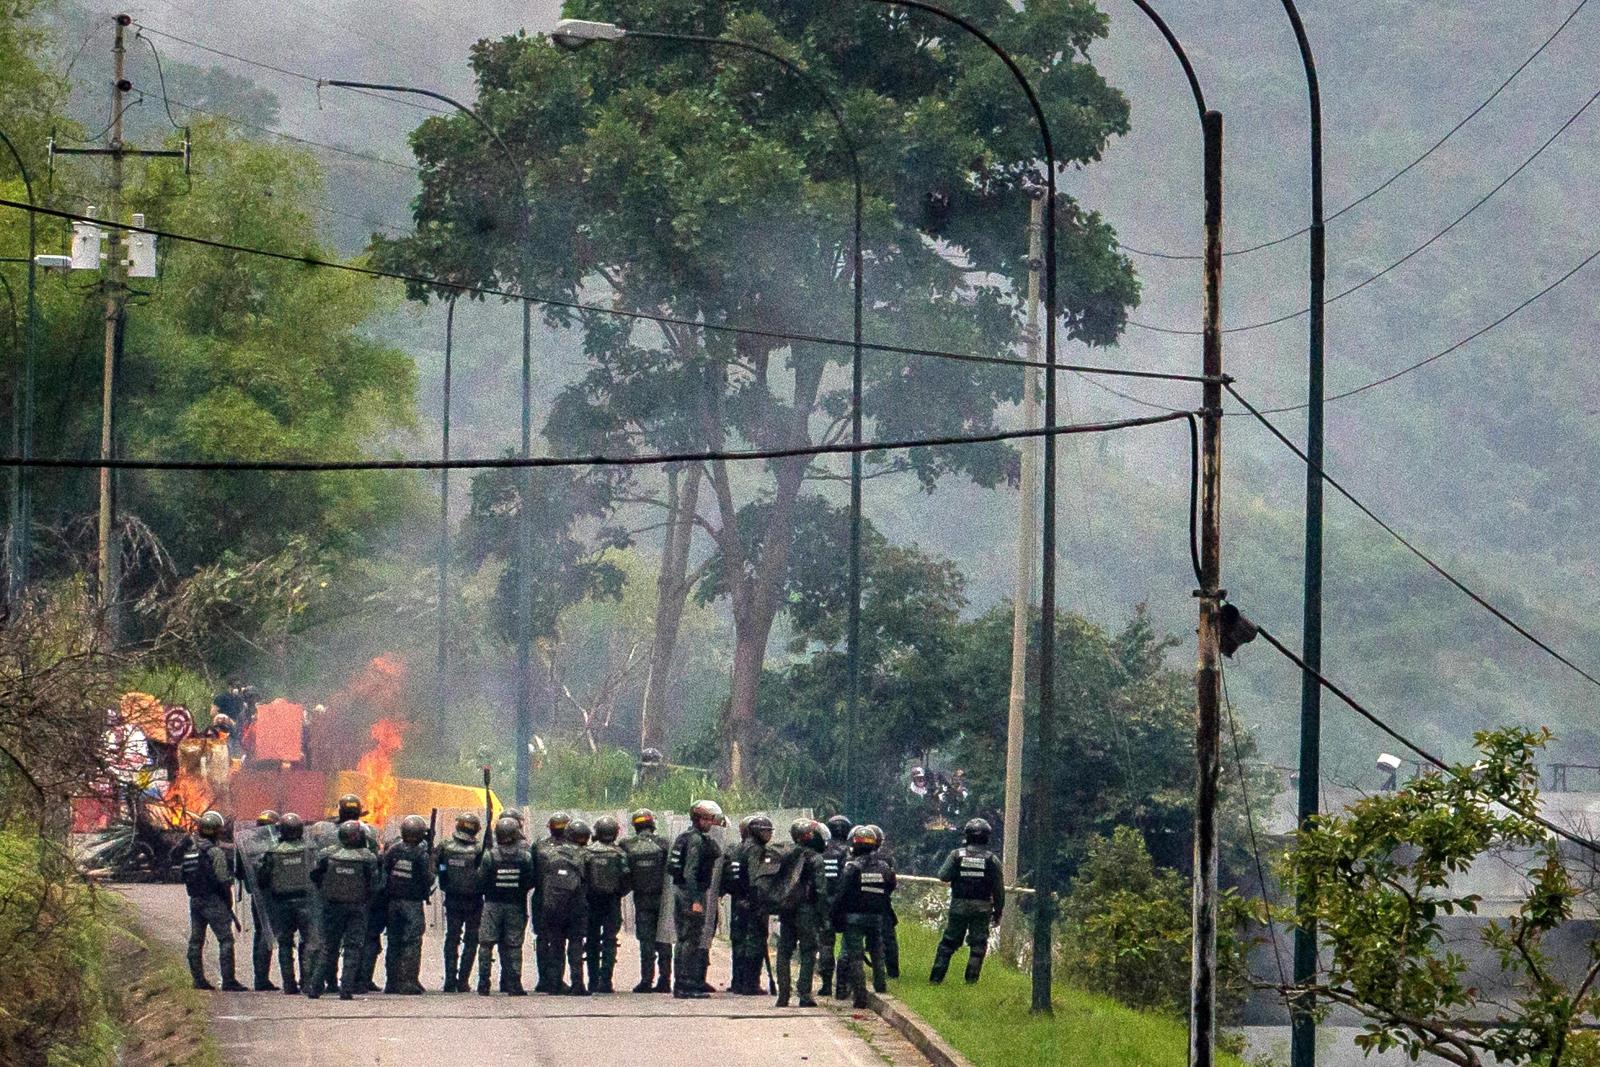 Członkowie Boliwijskiej Gwardii Narodowej pacyfikują grupę protestujących w czasie trwającego już kolejny miesiąc kryzysu.